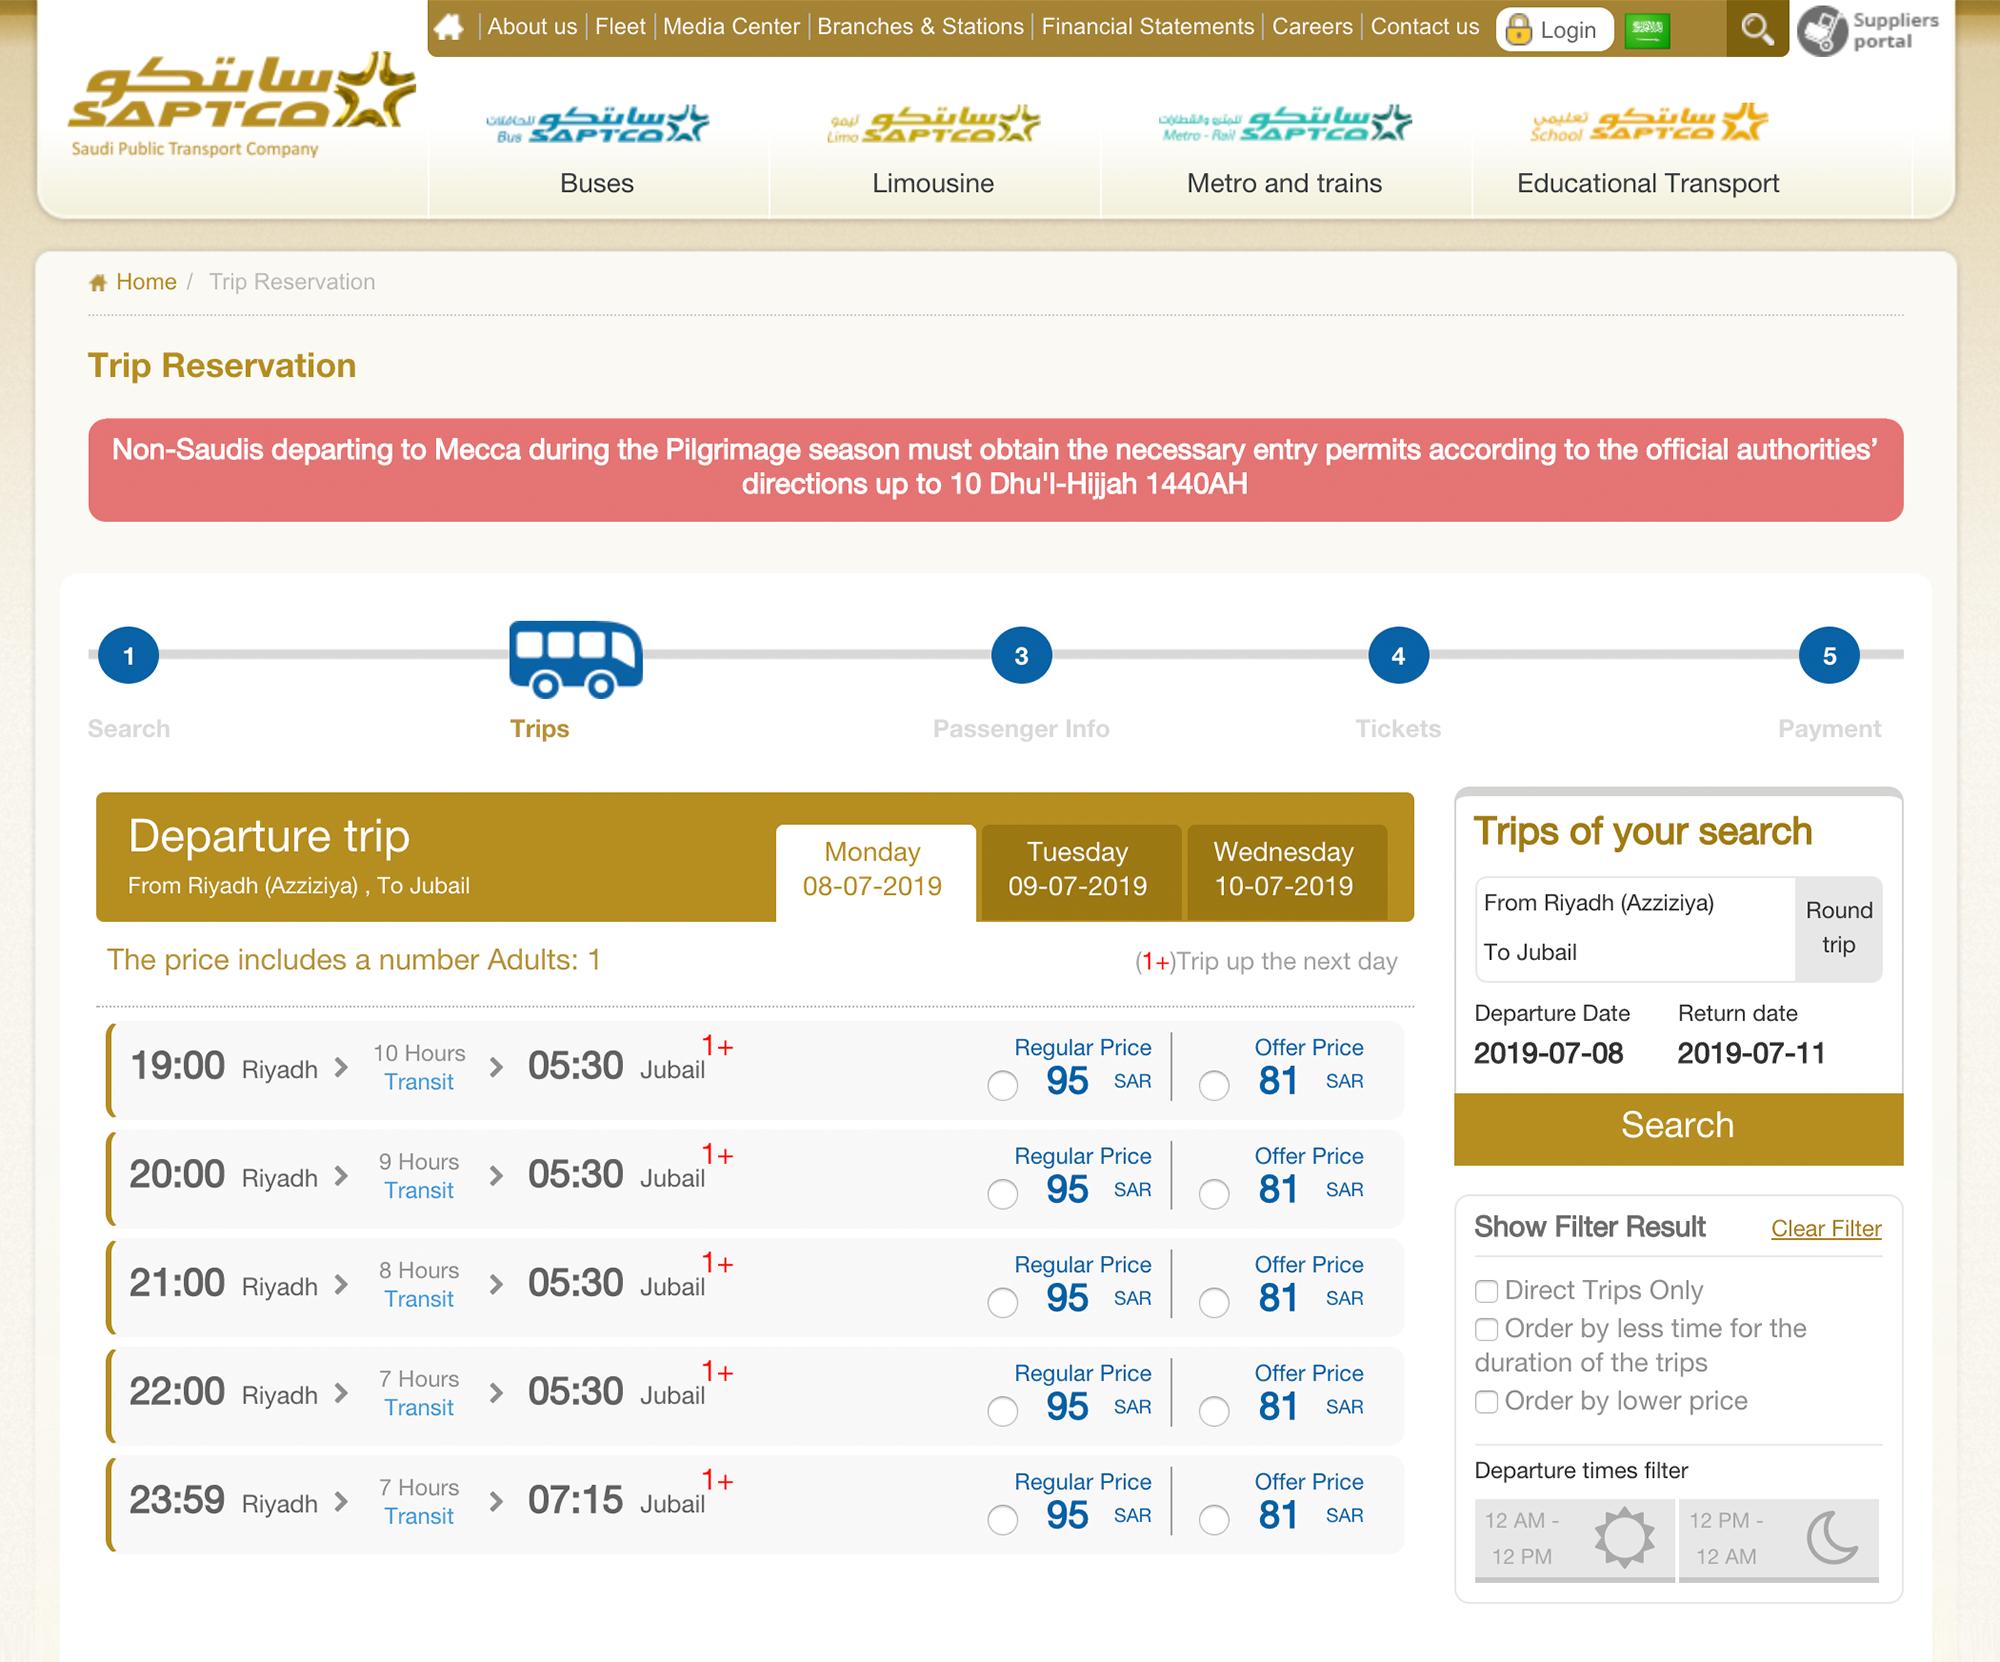 Бронирование билетов на междугородний автобусный рейс Эр-Рияд — Эль-Джубайл